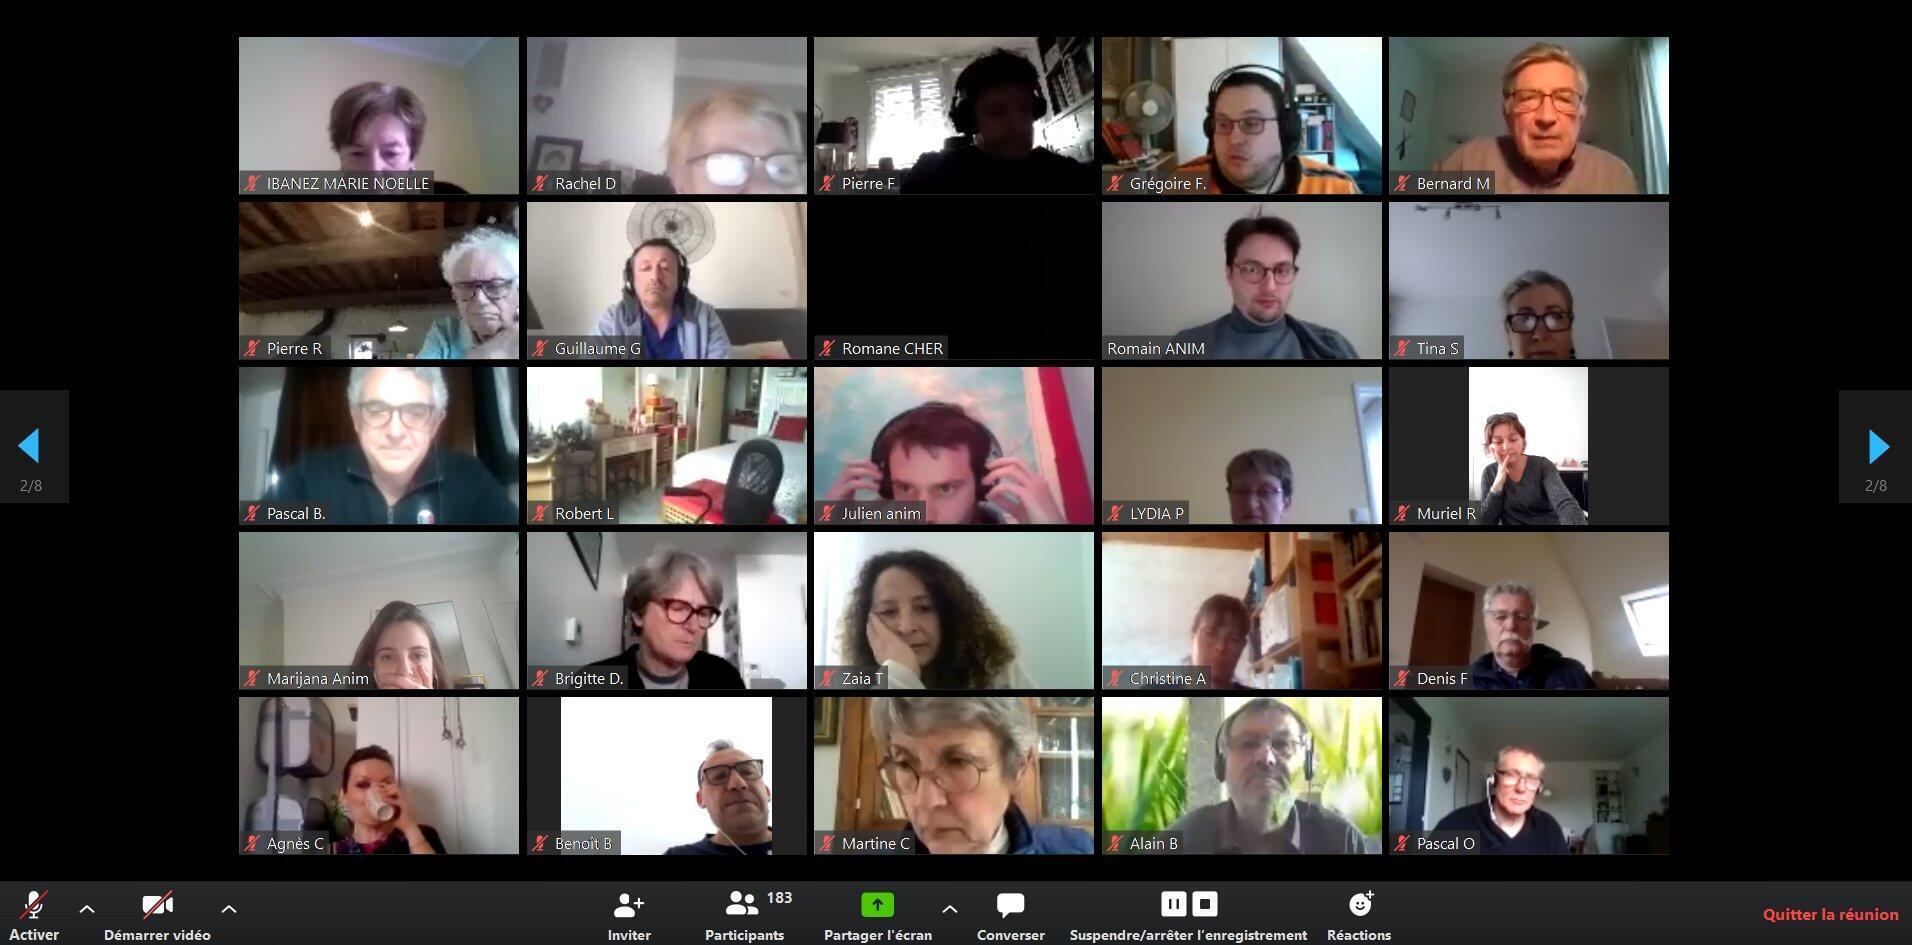 Los 150 miembros de la convención ciudadana por el clima CCC se reúnen actualmente de manera virtual. De esta manera decidieron las 50 propuestas enviadas al presidente Macron para salir de la crisis del Covid 19 de manera responsable.